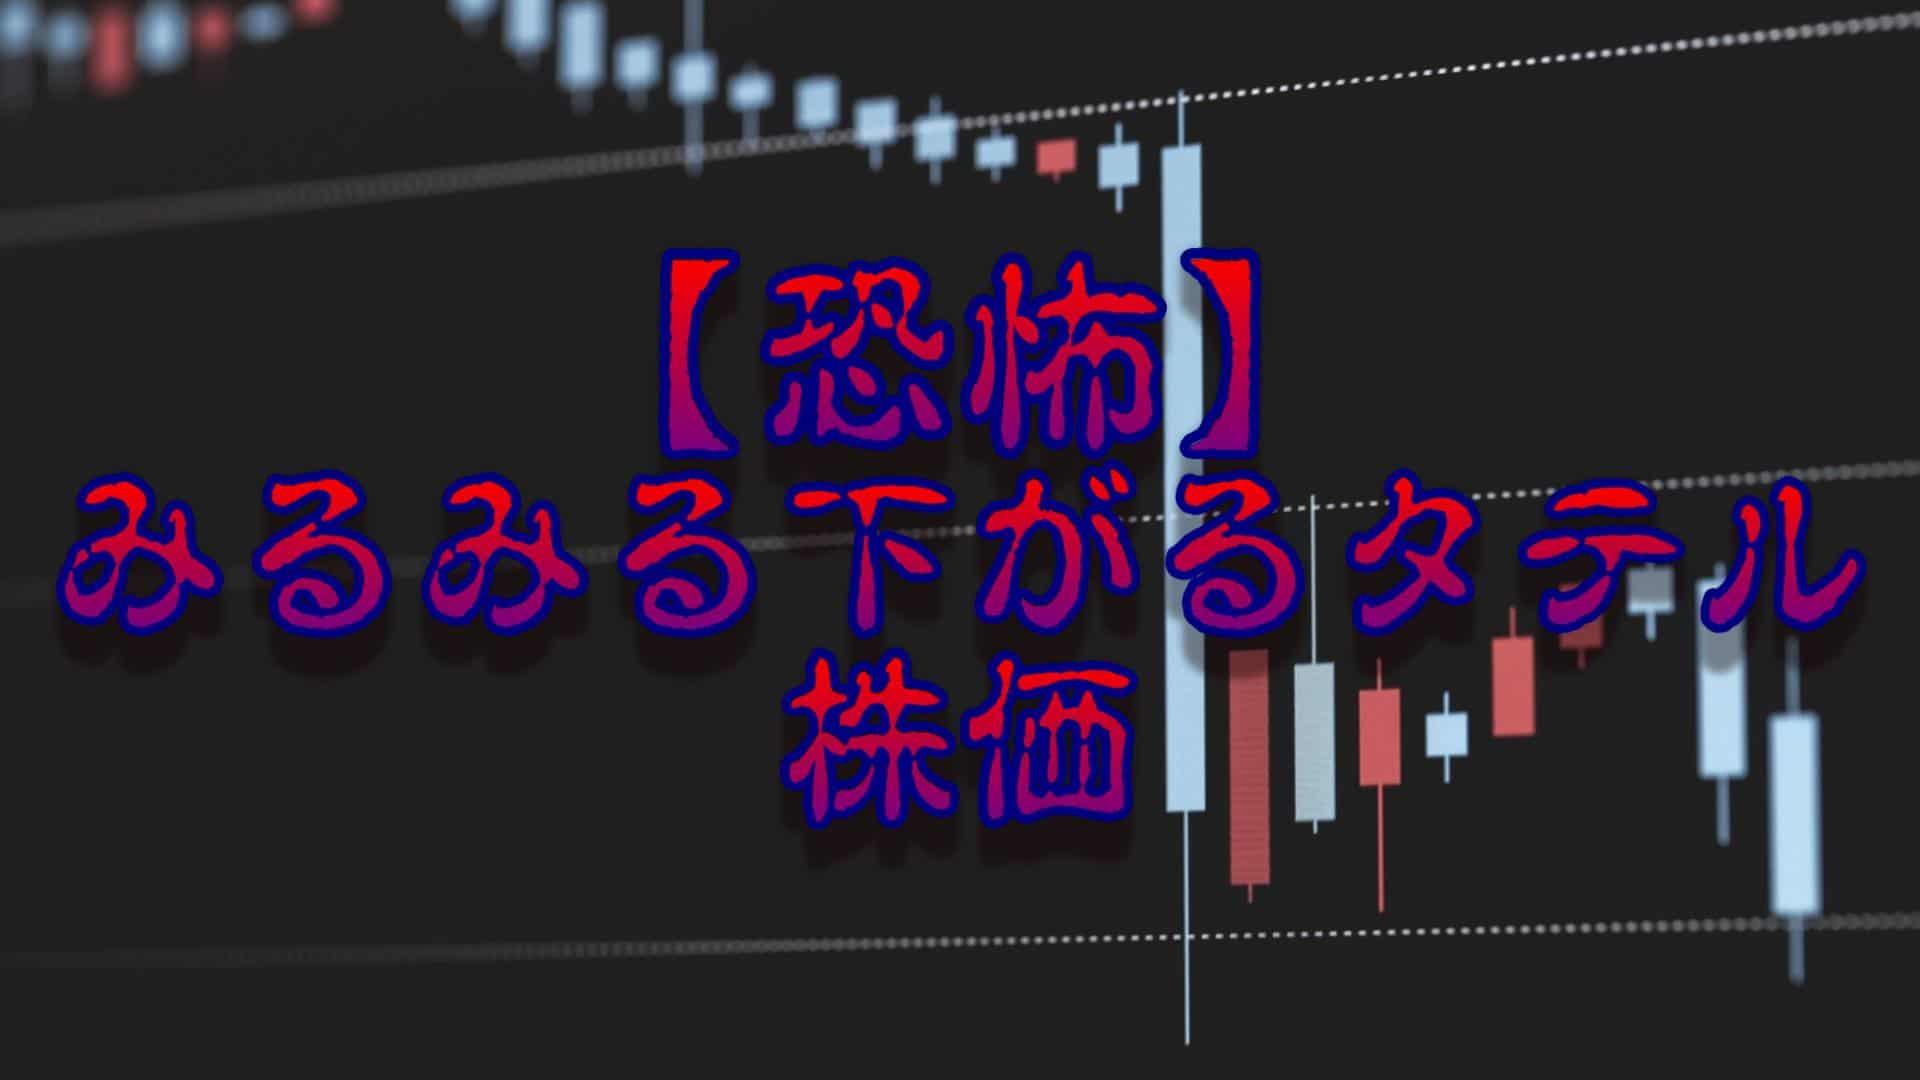 恐怖-みるみる下がる「TATERU(タテル)」の株価